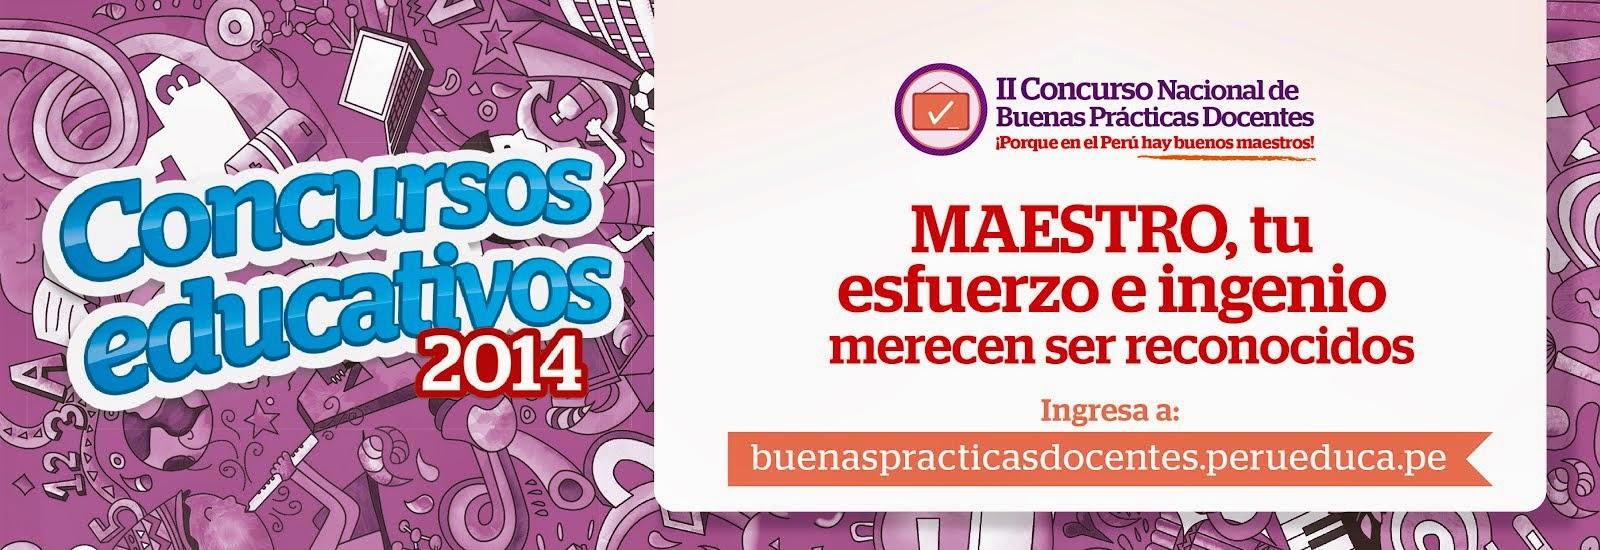 BUENAS PRACTICAS DOCENTES 2014